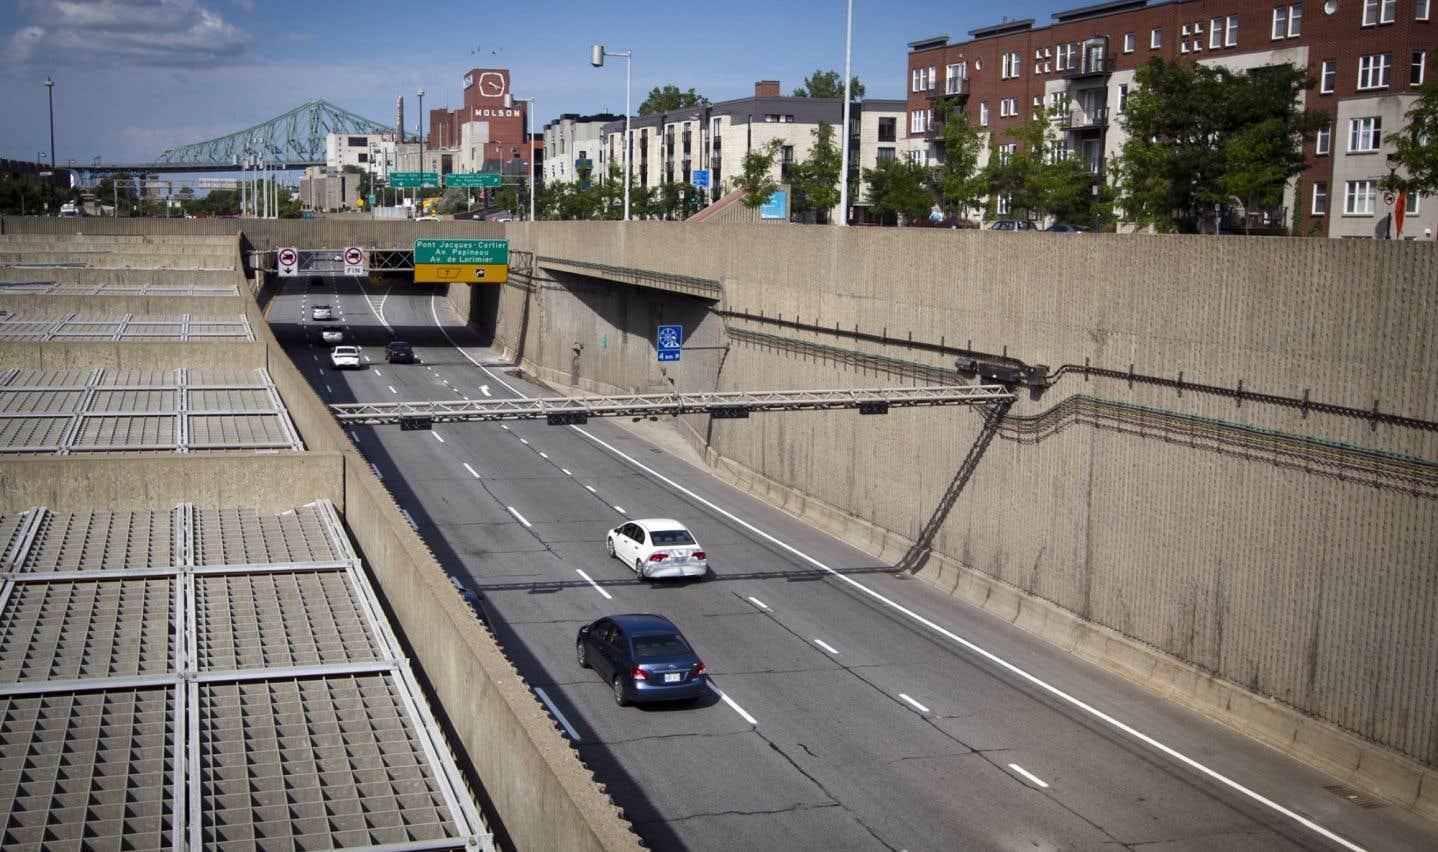 Démence: vivre près d'une autoroute augmente les risques